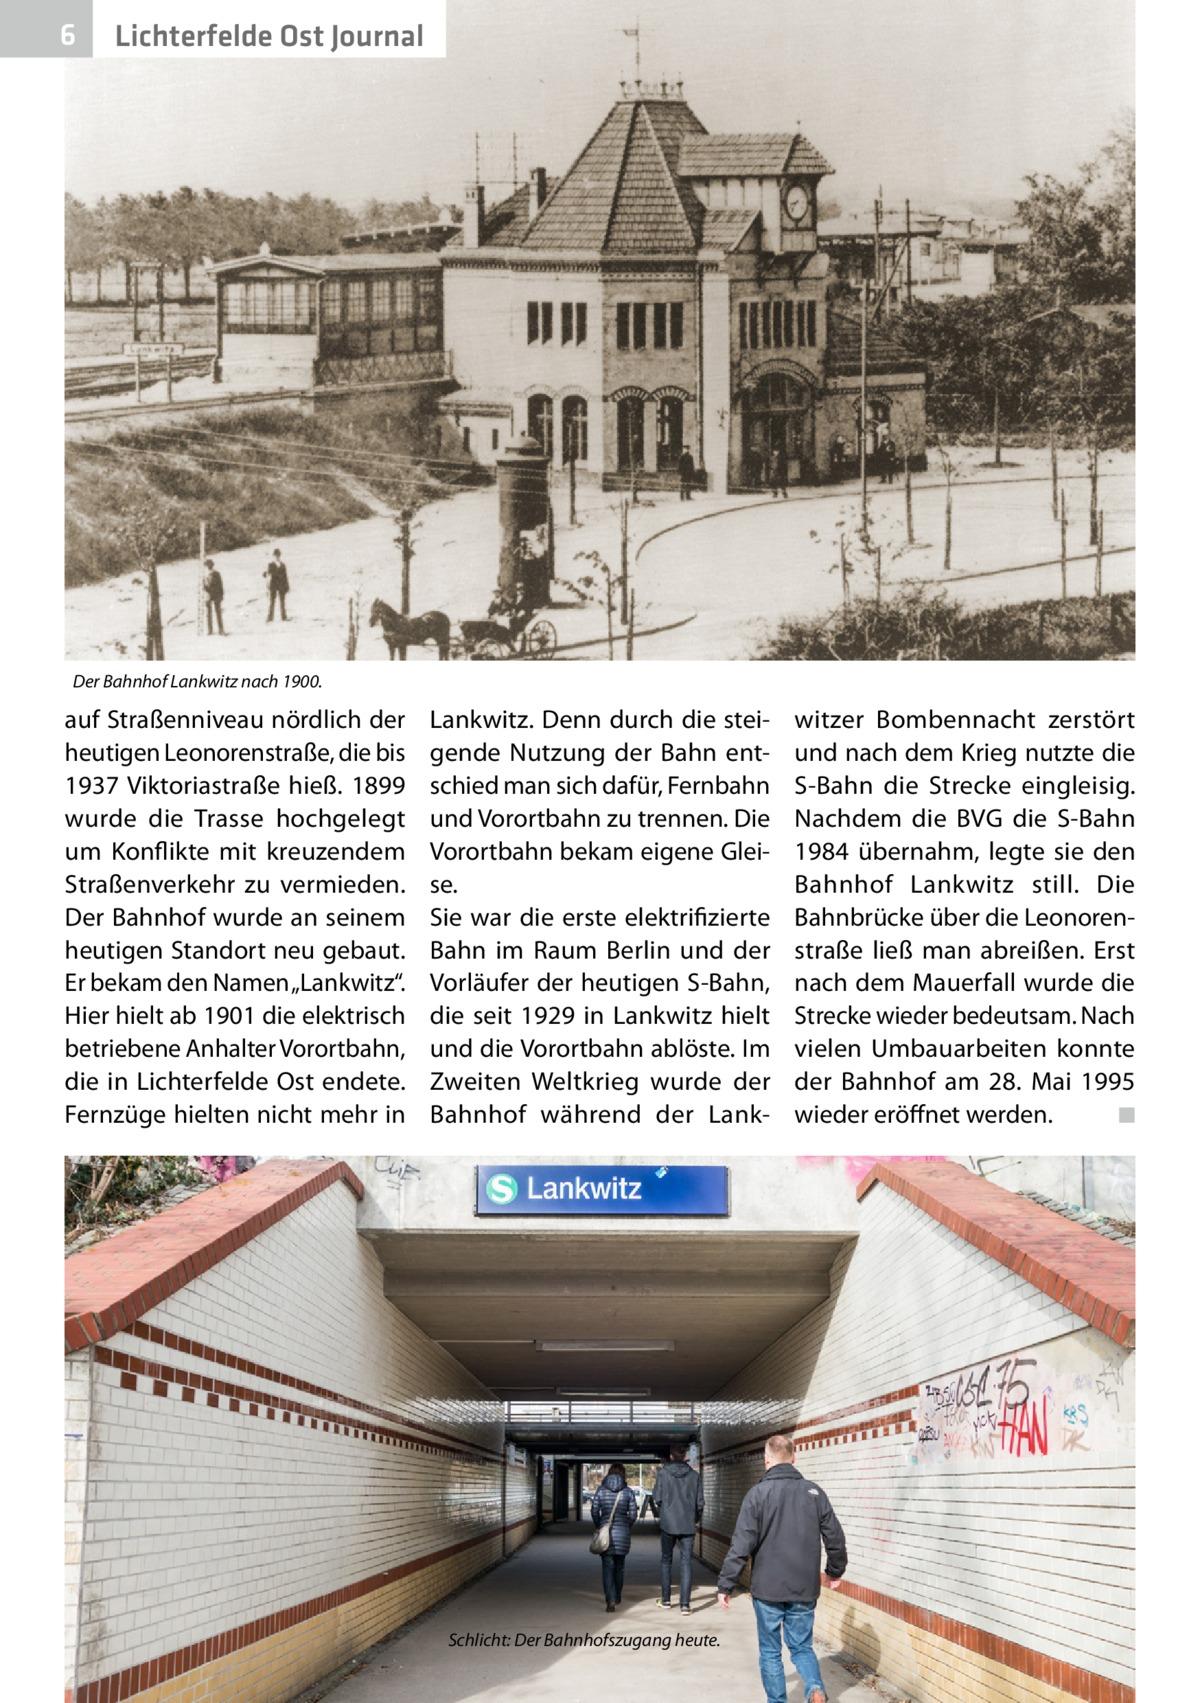 """6  Lichterfelde Ost Journal  Der Bahnhof Lankwitz nach 1900.  auf Straßenniveau nördlich der heutigen Leonorenstraße, die bis 1937 Viktoriastraße hieß. 1899 wurde die Trasse hochgelegt um Konflikte mit kreuzendem Straßenverkehr zu vermieden. Der Bahnhof wurde an seinem heutigen Standort neu gebaut. Er bekam den Namen """"Lankwitz"""". Hier hielt ab 1901 die elektrisch betriebene Anhalter Vorortbahn, die in Lichterfelde Ost endete. Fernzüge hielten nicht mehr in  Lankwitz. Denn durch die steigende Nutzung der Bahn entschied man sich dafür, Fernbahn und Vorortbahn zu trennen. Die Vorortbahn bekam eigene Gleise. Sie war die erste elektrifizierte Bahn im Raum Berlin und der Vorläufer der heutigen S-Bahn, die seit 1929 in Lankwitz hielt und die Vorortbahn ablöste. Im Zweiten Weltkrieg wurde der Bahnhof während der Lank Schlicht: Der Bahnhofszugang heute.  witzer Bombennacht zerstört und nach dem Krieg nutzte die S-Bahn die Strecke eingleisig. Nachdem die BVG die S-Bahn 1984 übernahm, legte sie den Bahnhof Lankwitz still. Die Bahnbrücke über die Leonorenstraße ließ man abreißen. Erst nach dem Mauerfall wurde die Strecke wieder bedeutsam. Nach vielen Umbauarbeiten konnte der Bahnhof am 28. Mai 1995 wieder eröffnet werden. � ◾"""